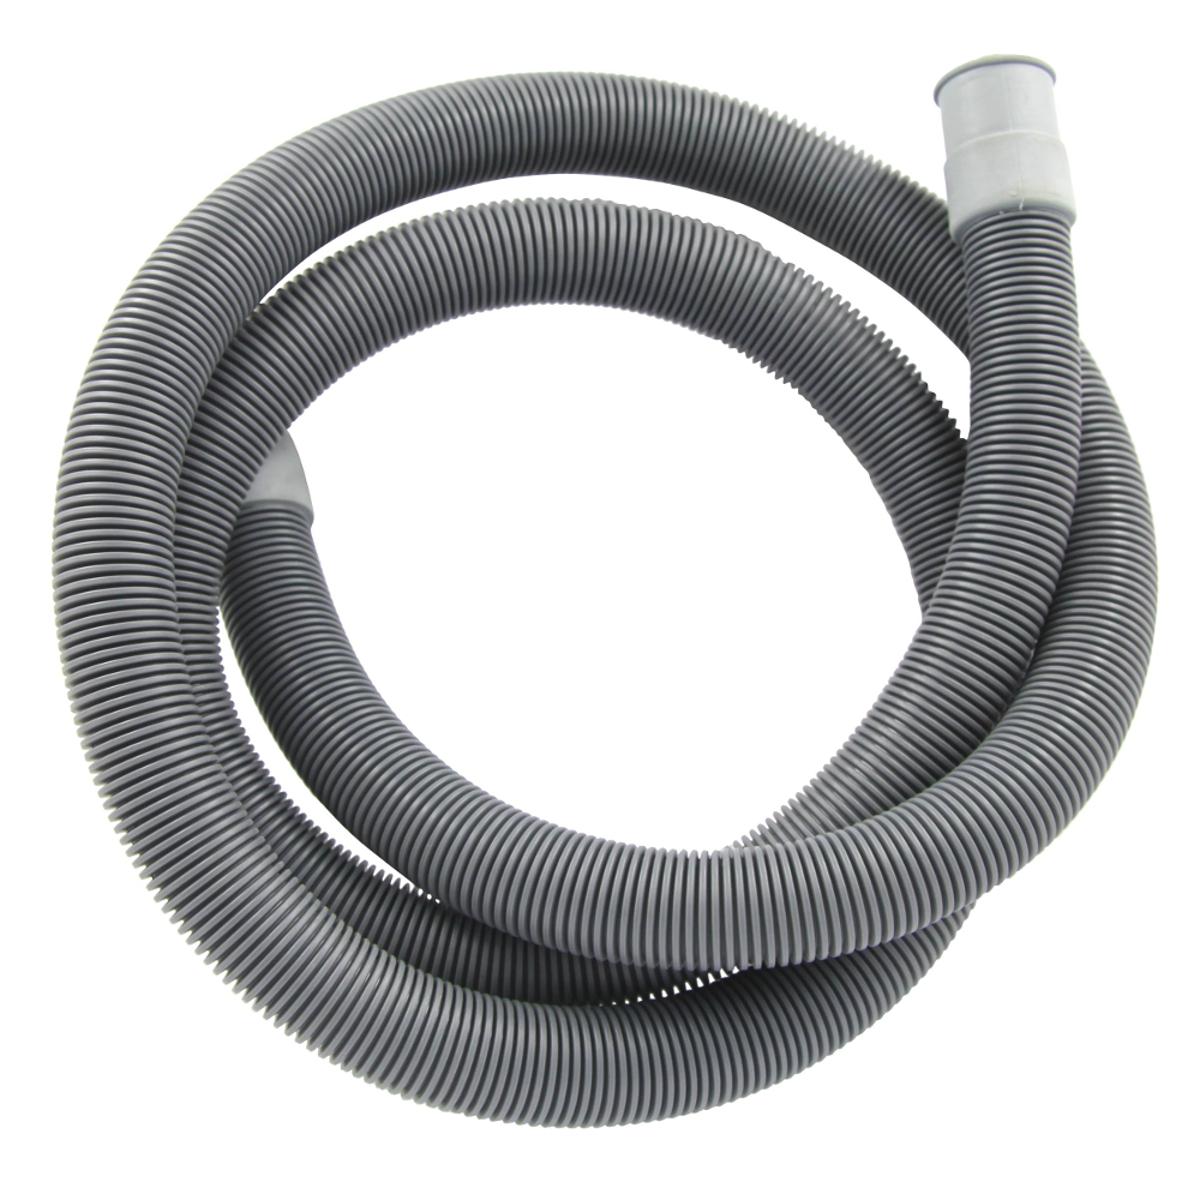 Шланг сливной для стиральной машины, 5м ЗИП-ФЛЕКС